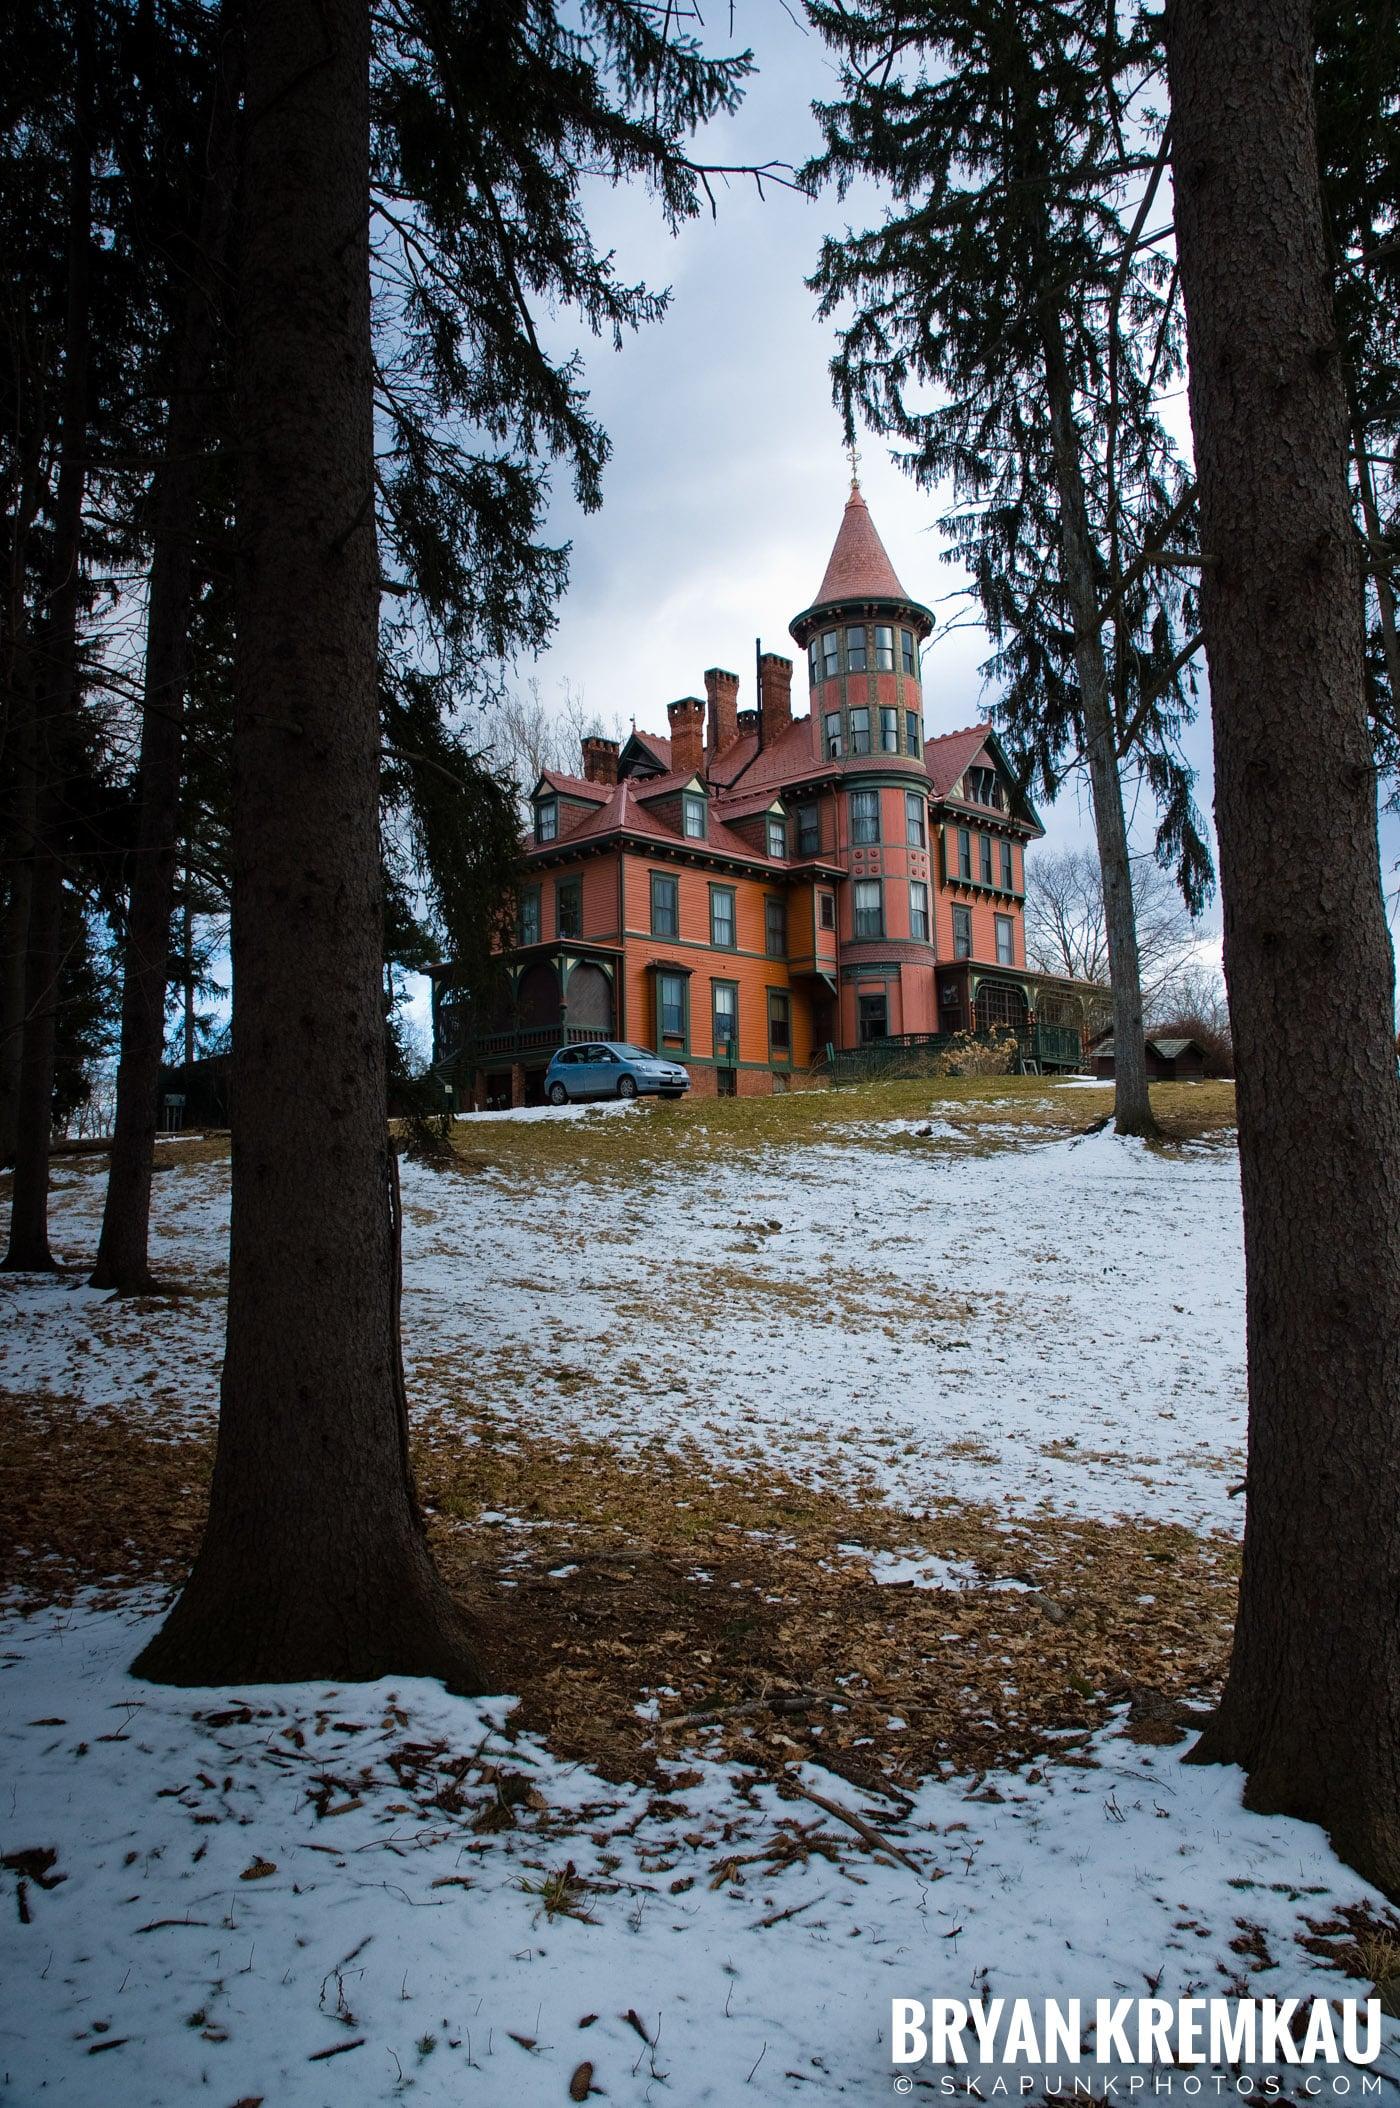 Valentine's Day Trip @ Rhinebeck, FDR's Home, Vanderbilt, Wilderstein Historic Site, NY - 2.14.10 (44)